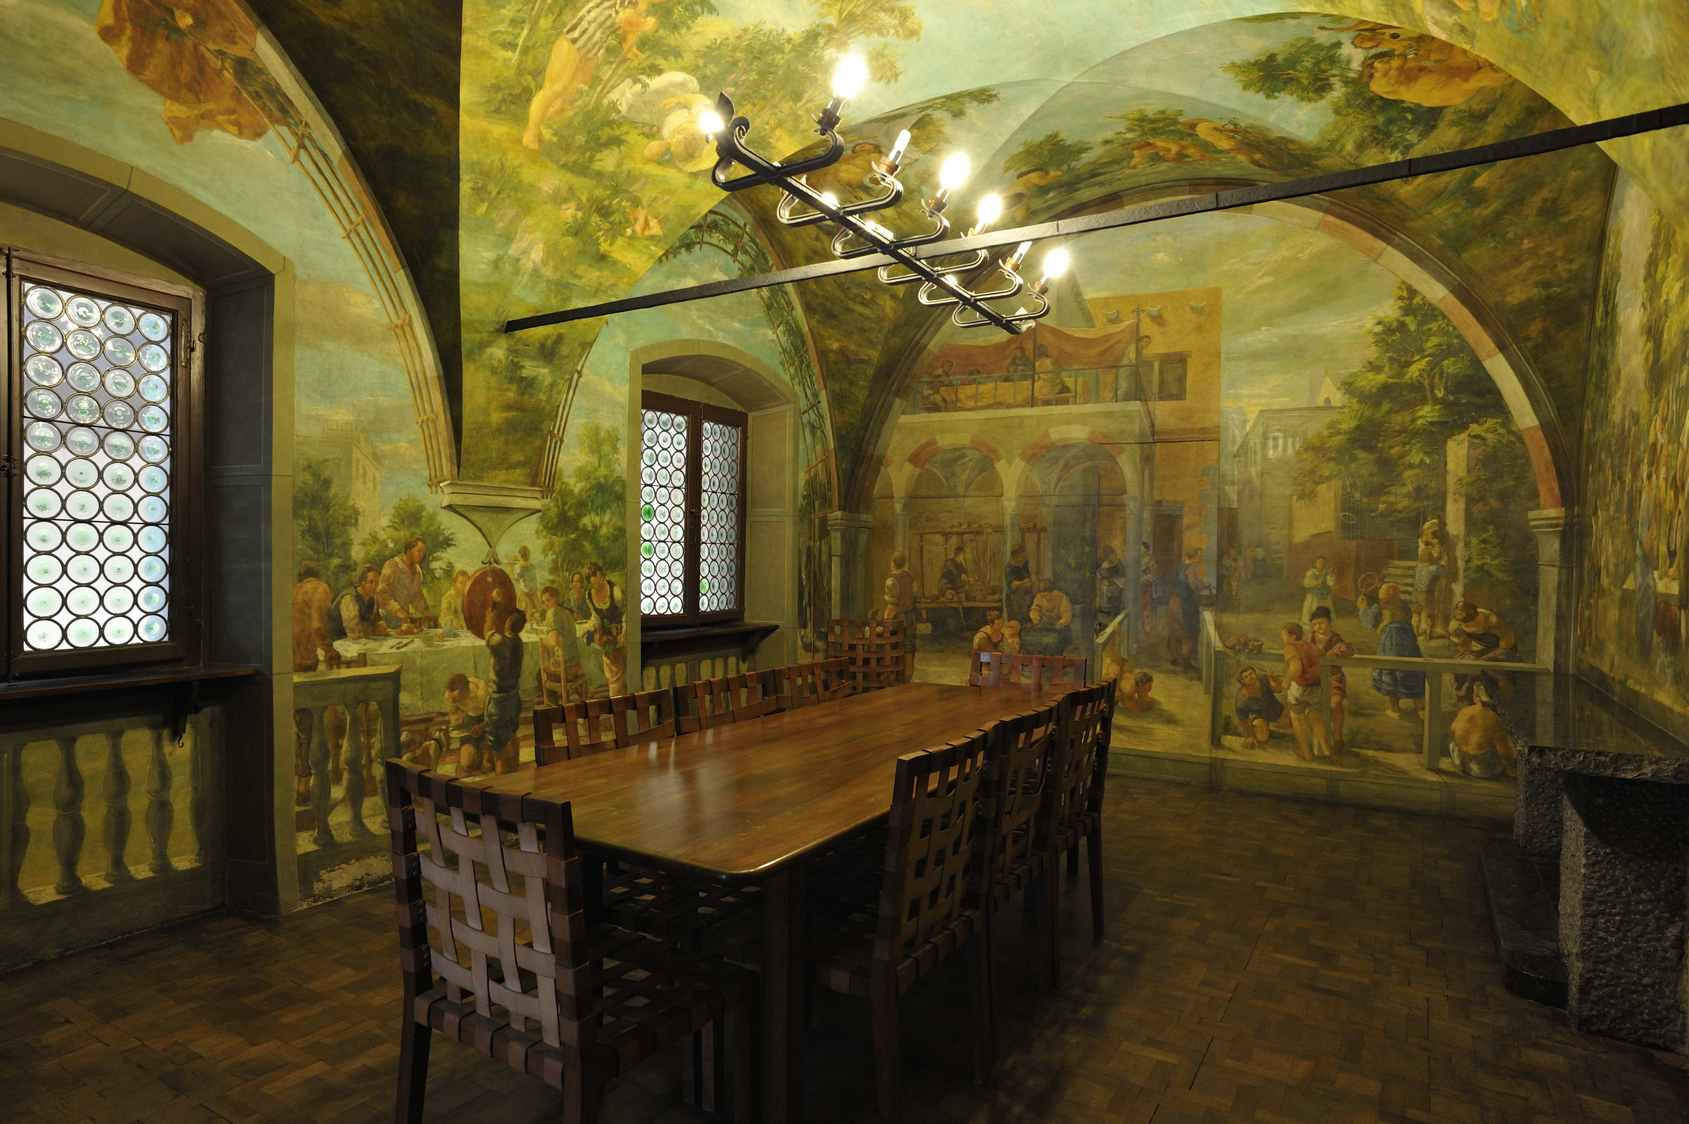 Casa cavazzini civici musei di udine for Casa moderna udine 2017 orari